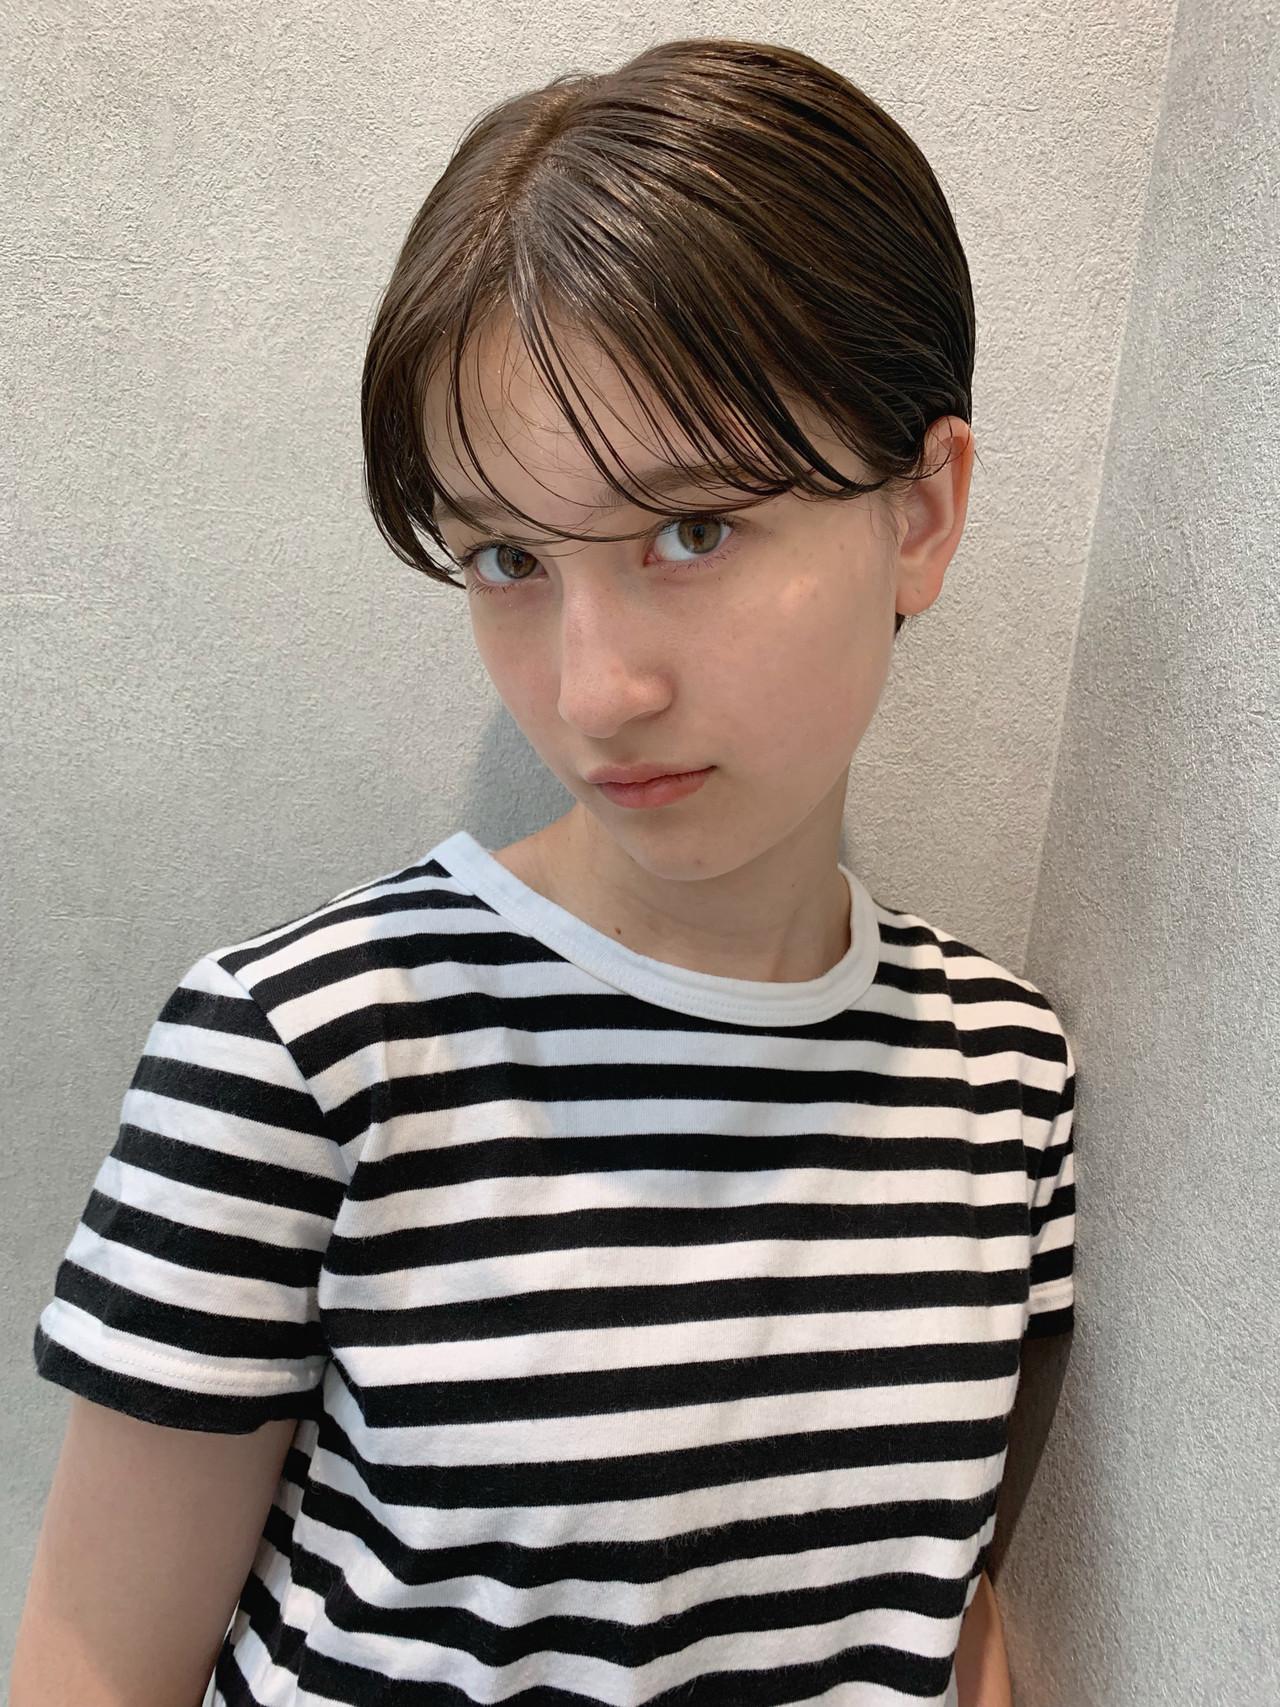 パーマ 大人かわいい 黒髪 簡単ヘアアレンジ ヘアスタイルや髪型の写真・画像